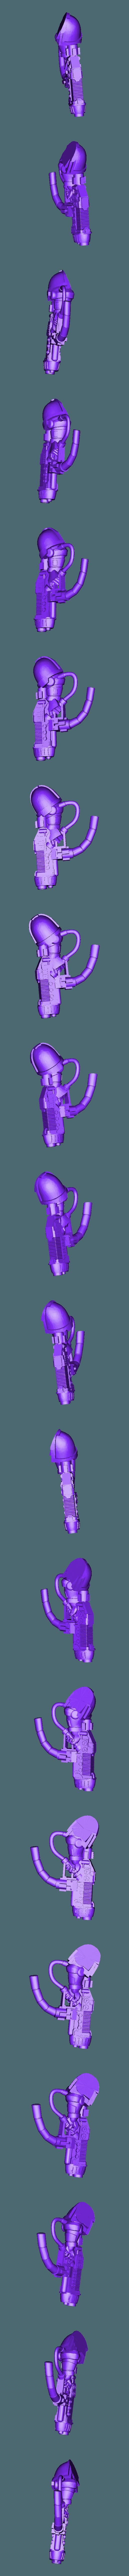 inceptor_left_arm.stl Download free STL file Inception of intercepting inceptors • 3D printer model, KarnageKing